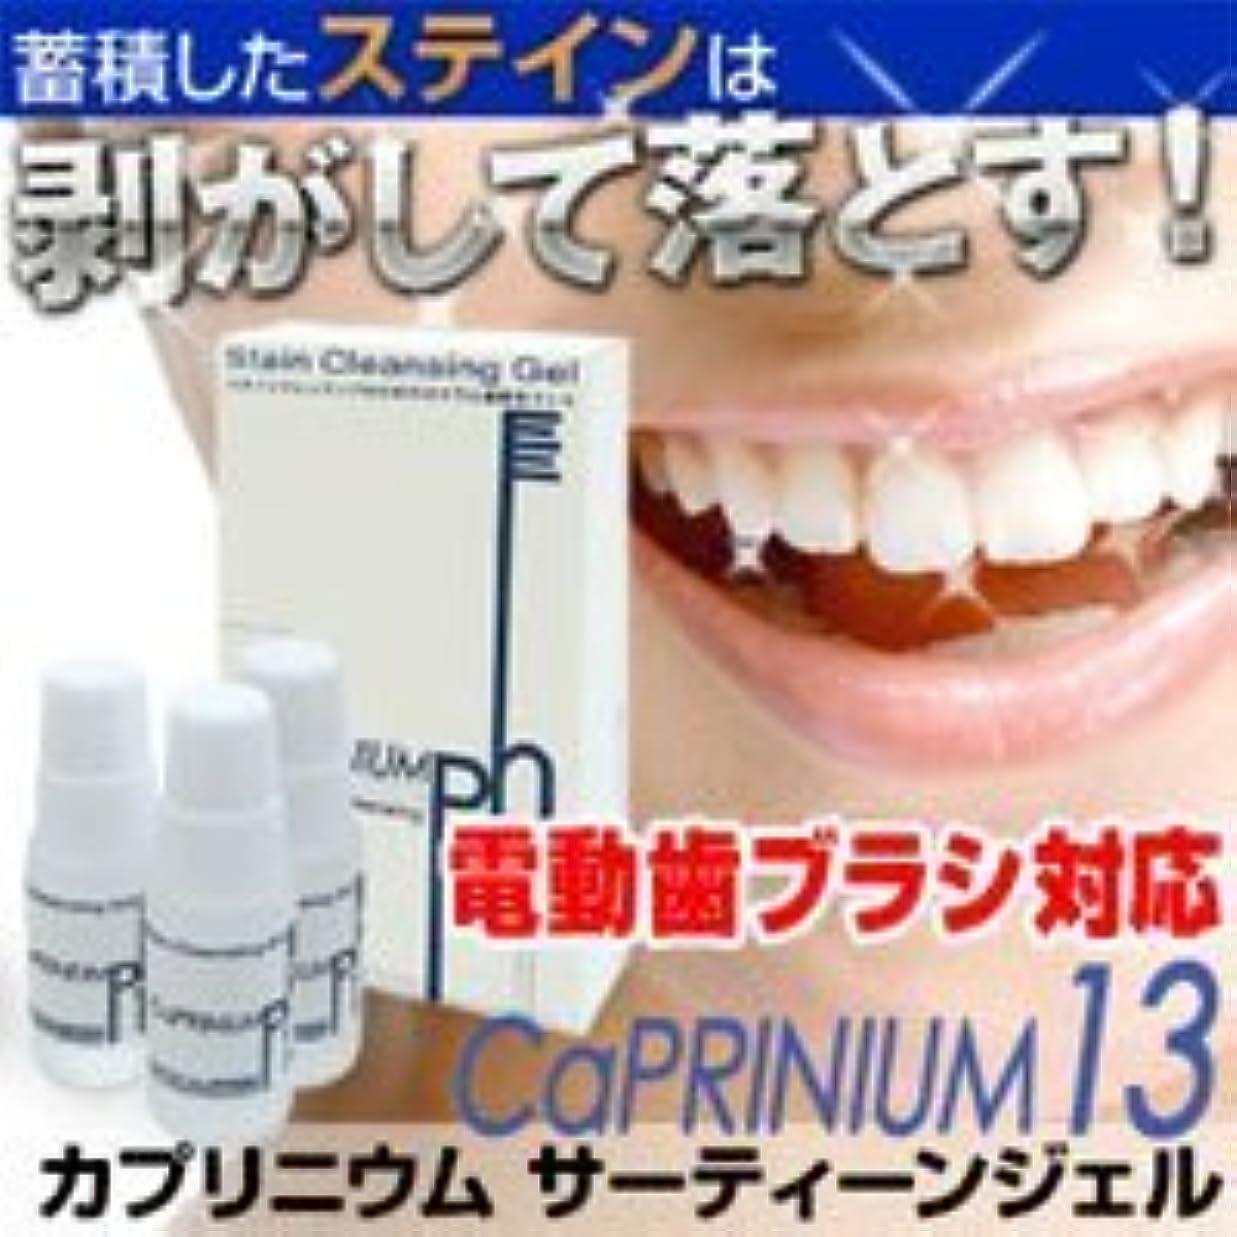 猟犬演じるモディッシュカプリジェル(カプリニウムサーティーンジェル)10g×3個(1か月分) 電動歯ブラシ対応歯磨きジェル